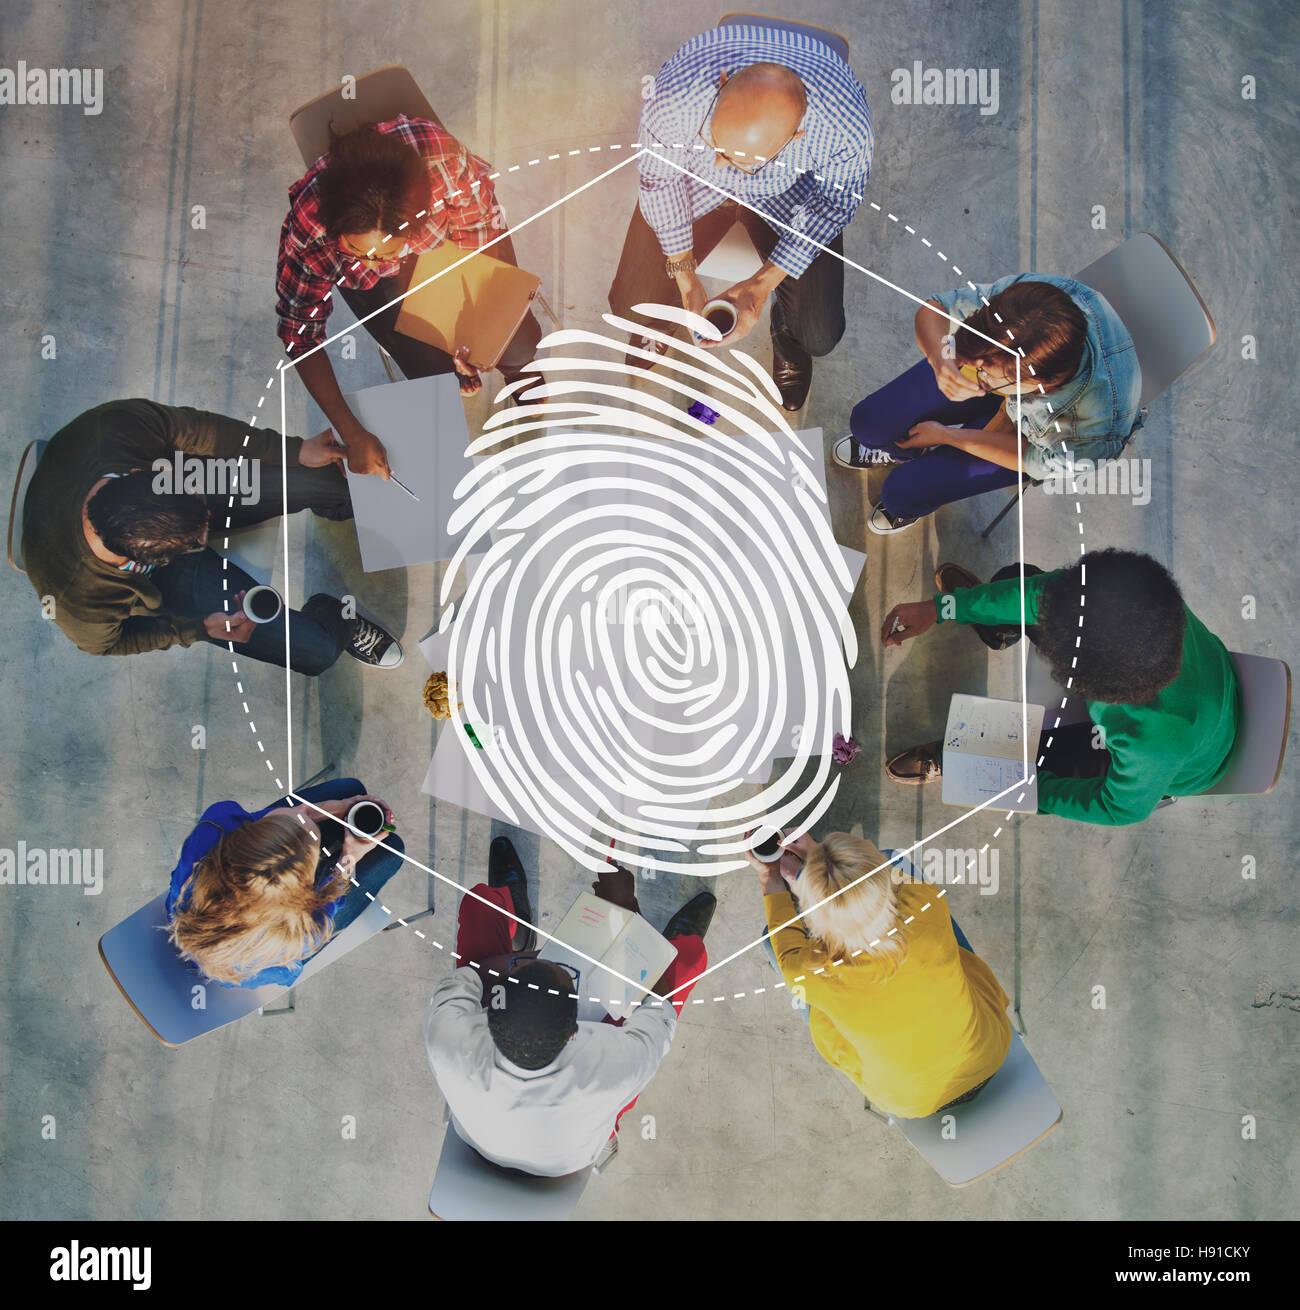 Fingerprint Security Distinction Access Graphic Concept - Stock Image